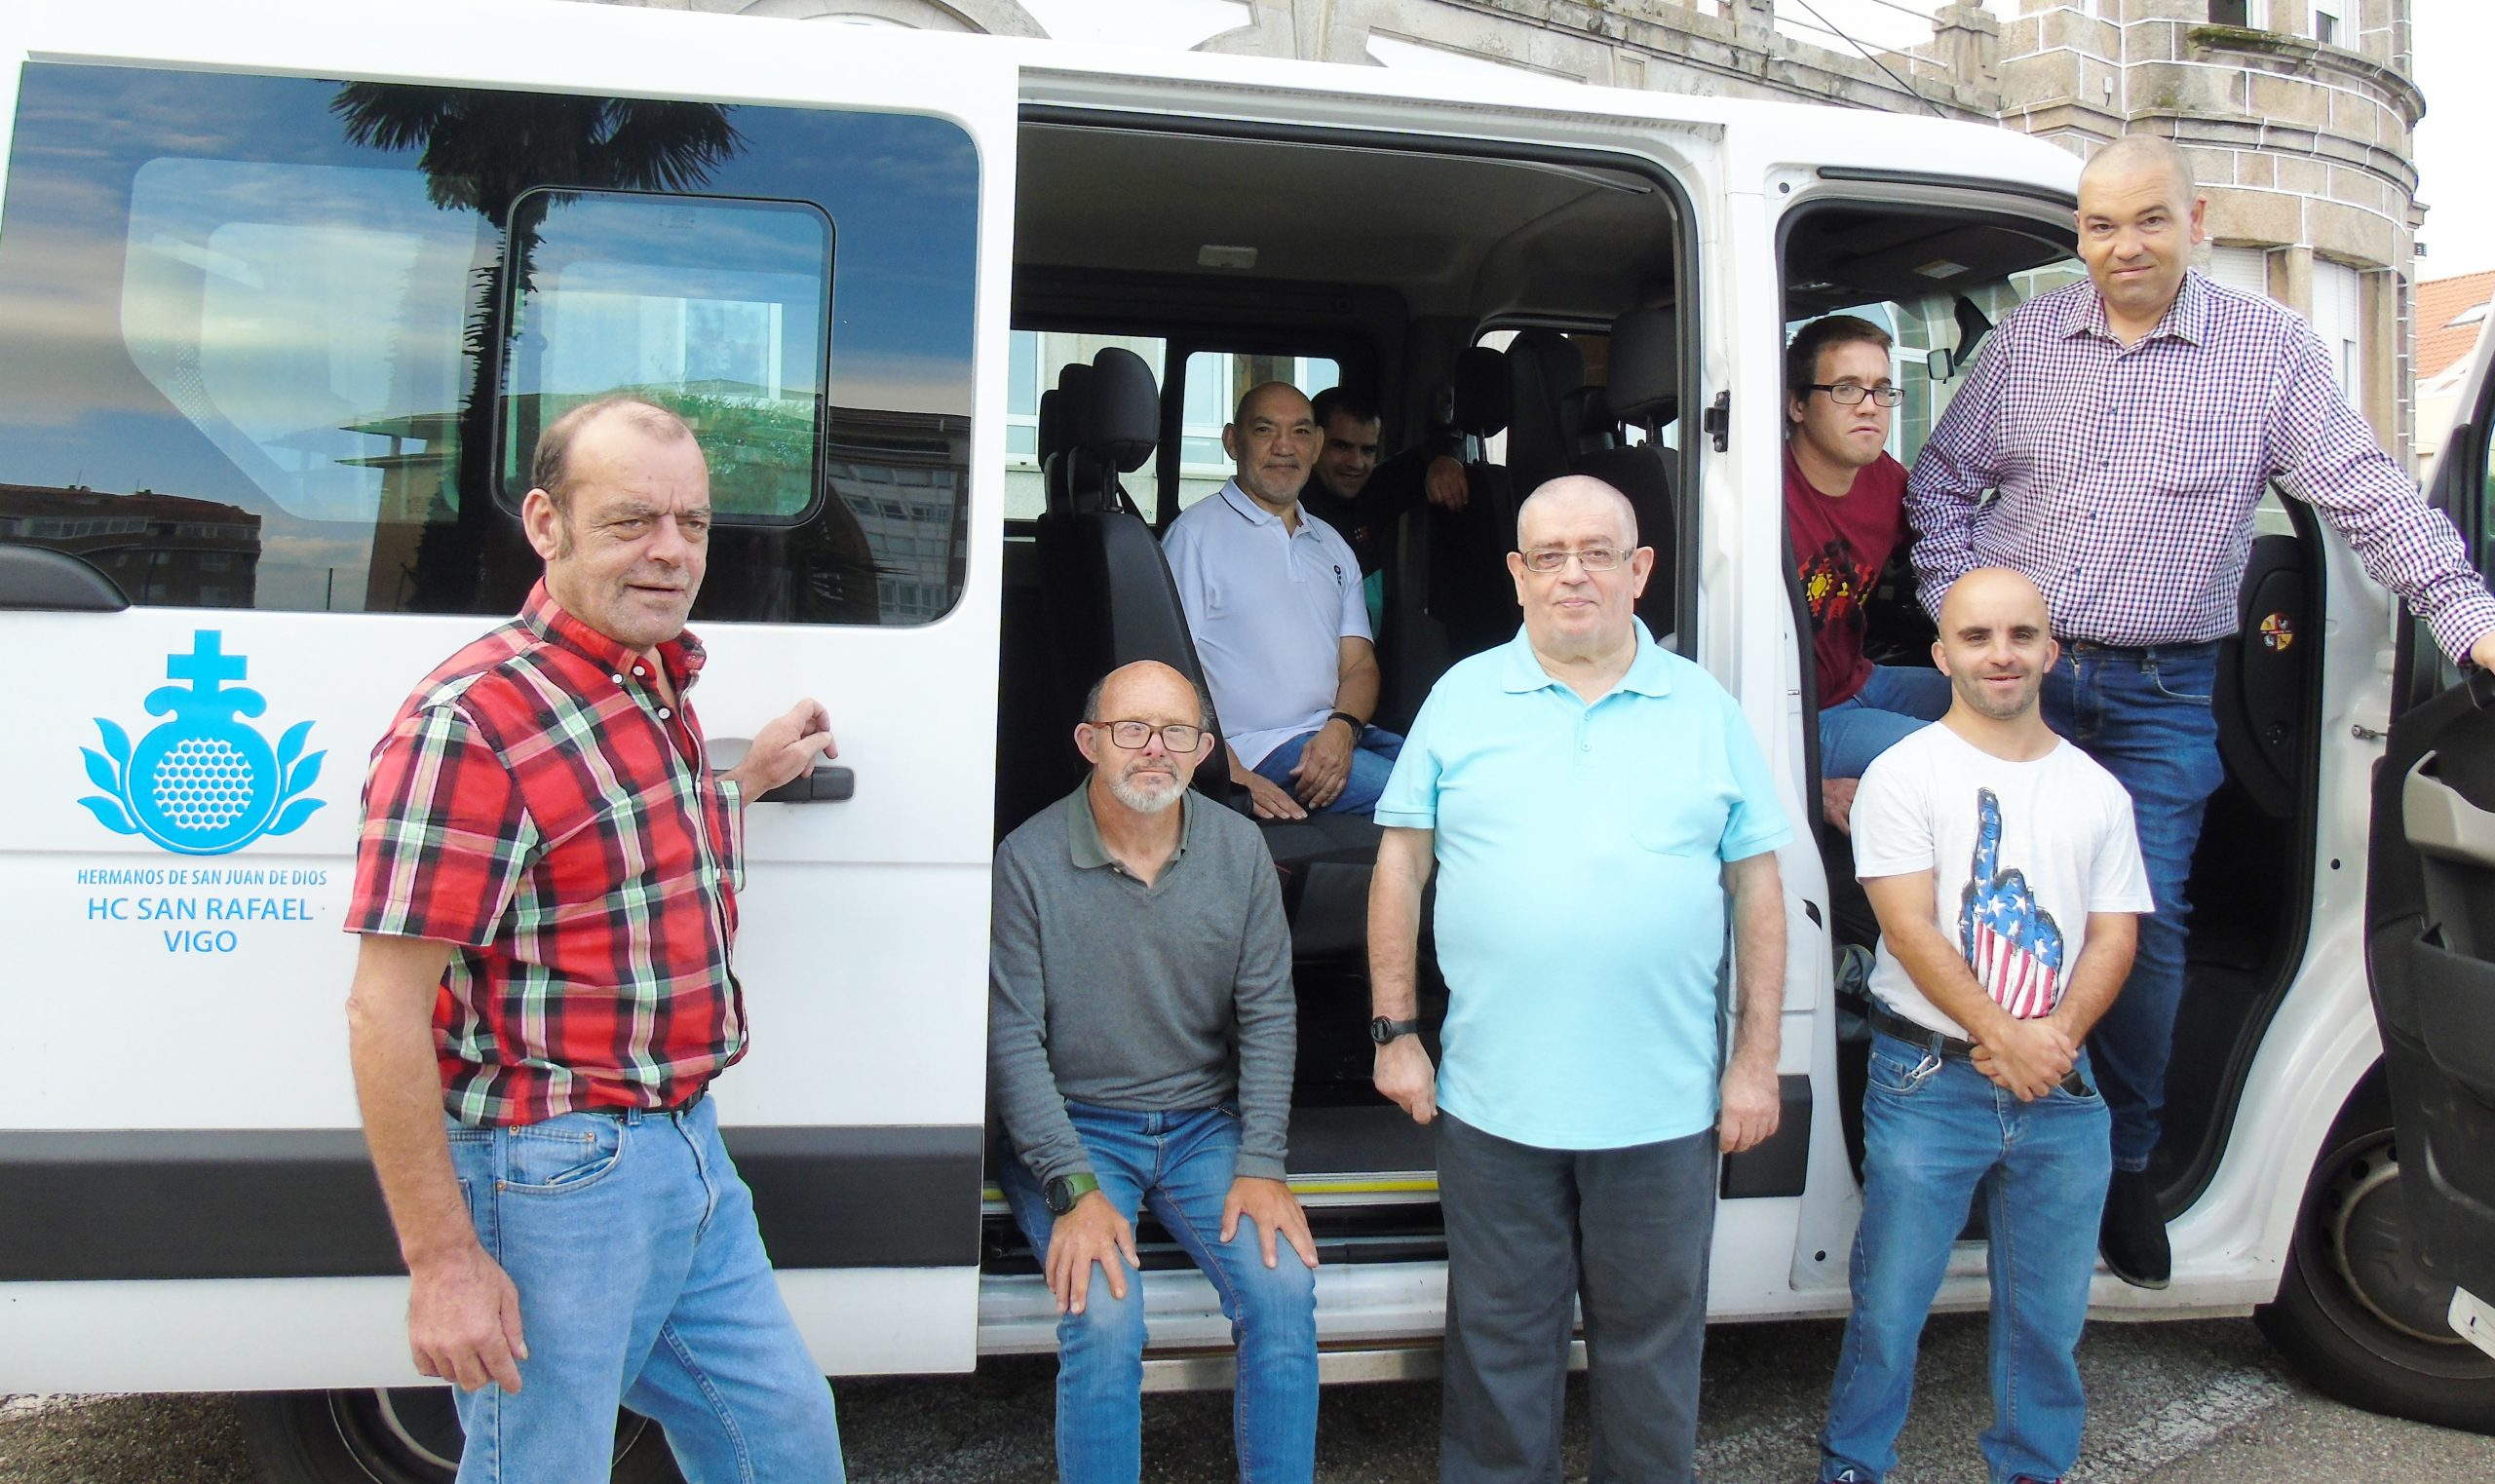 Campaña Dale Ruedas a la Inclusión HC San Rafael Vigo Obra SOCIAL SAN JUAN DE DIOS